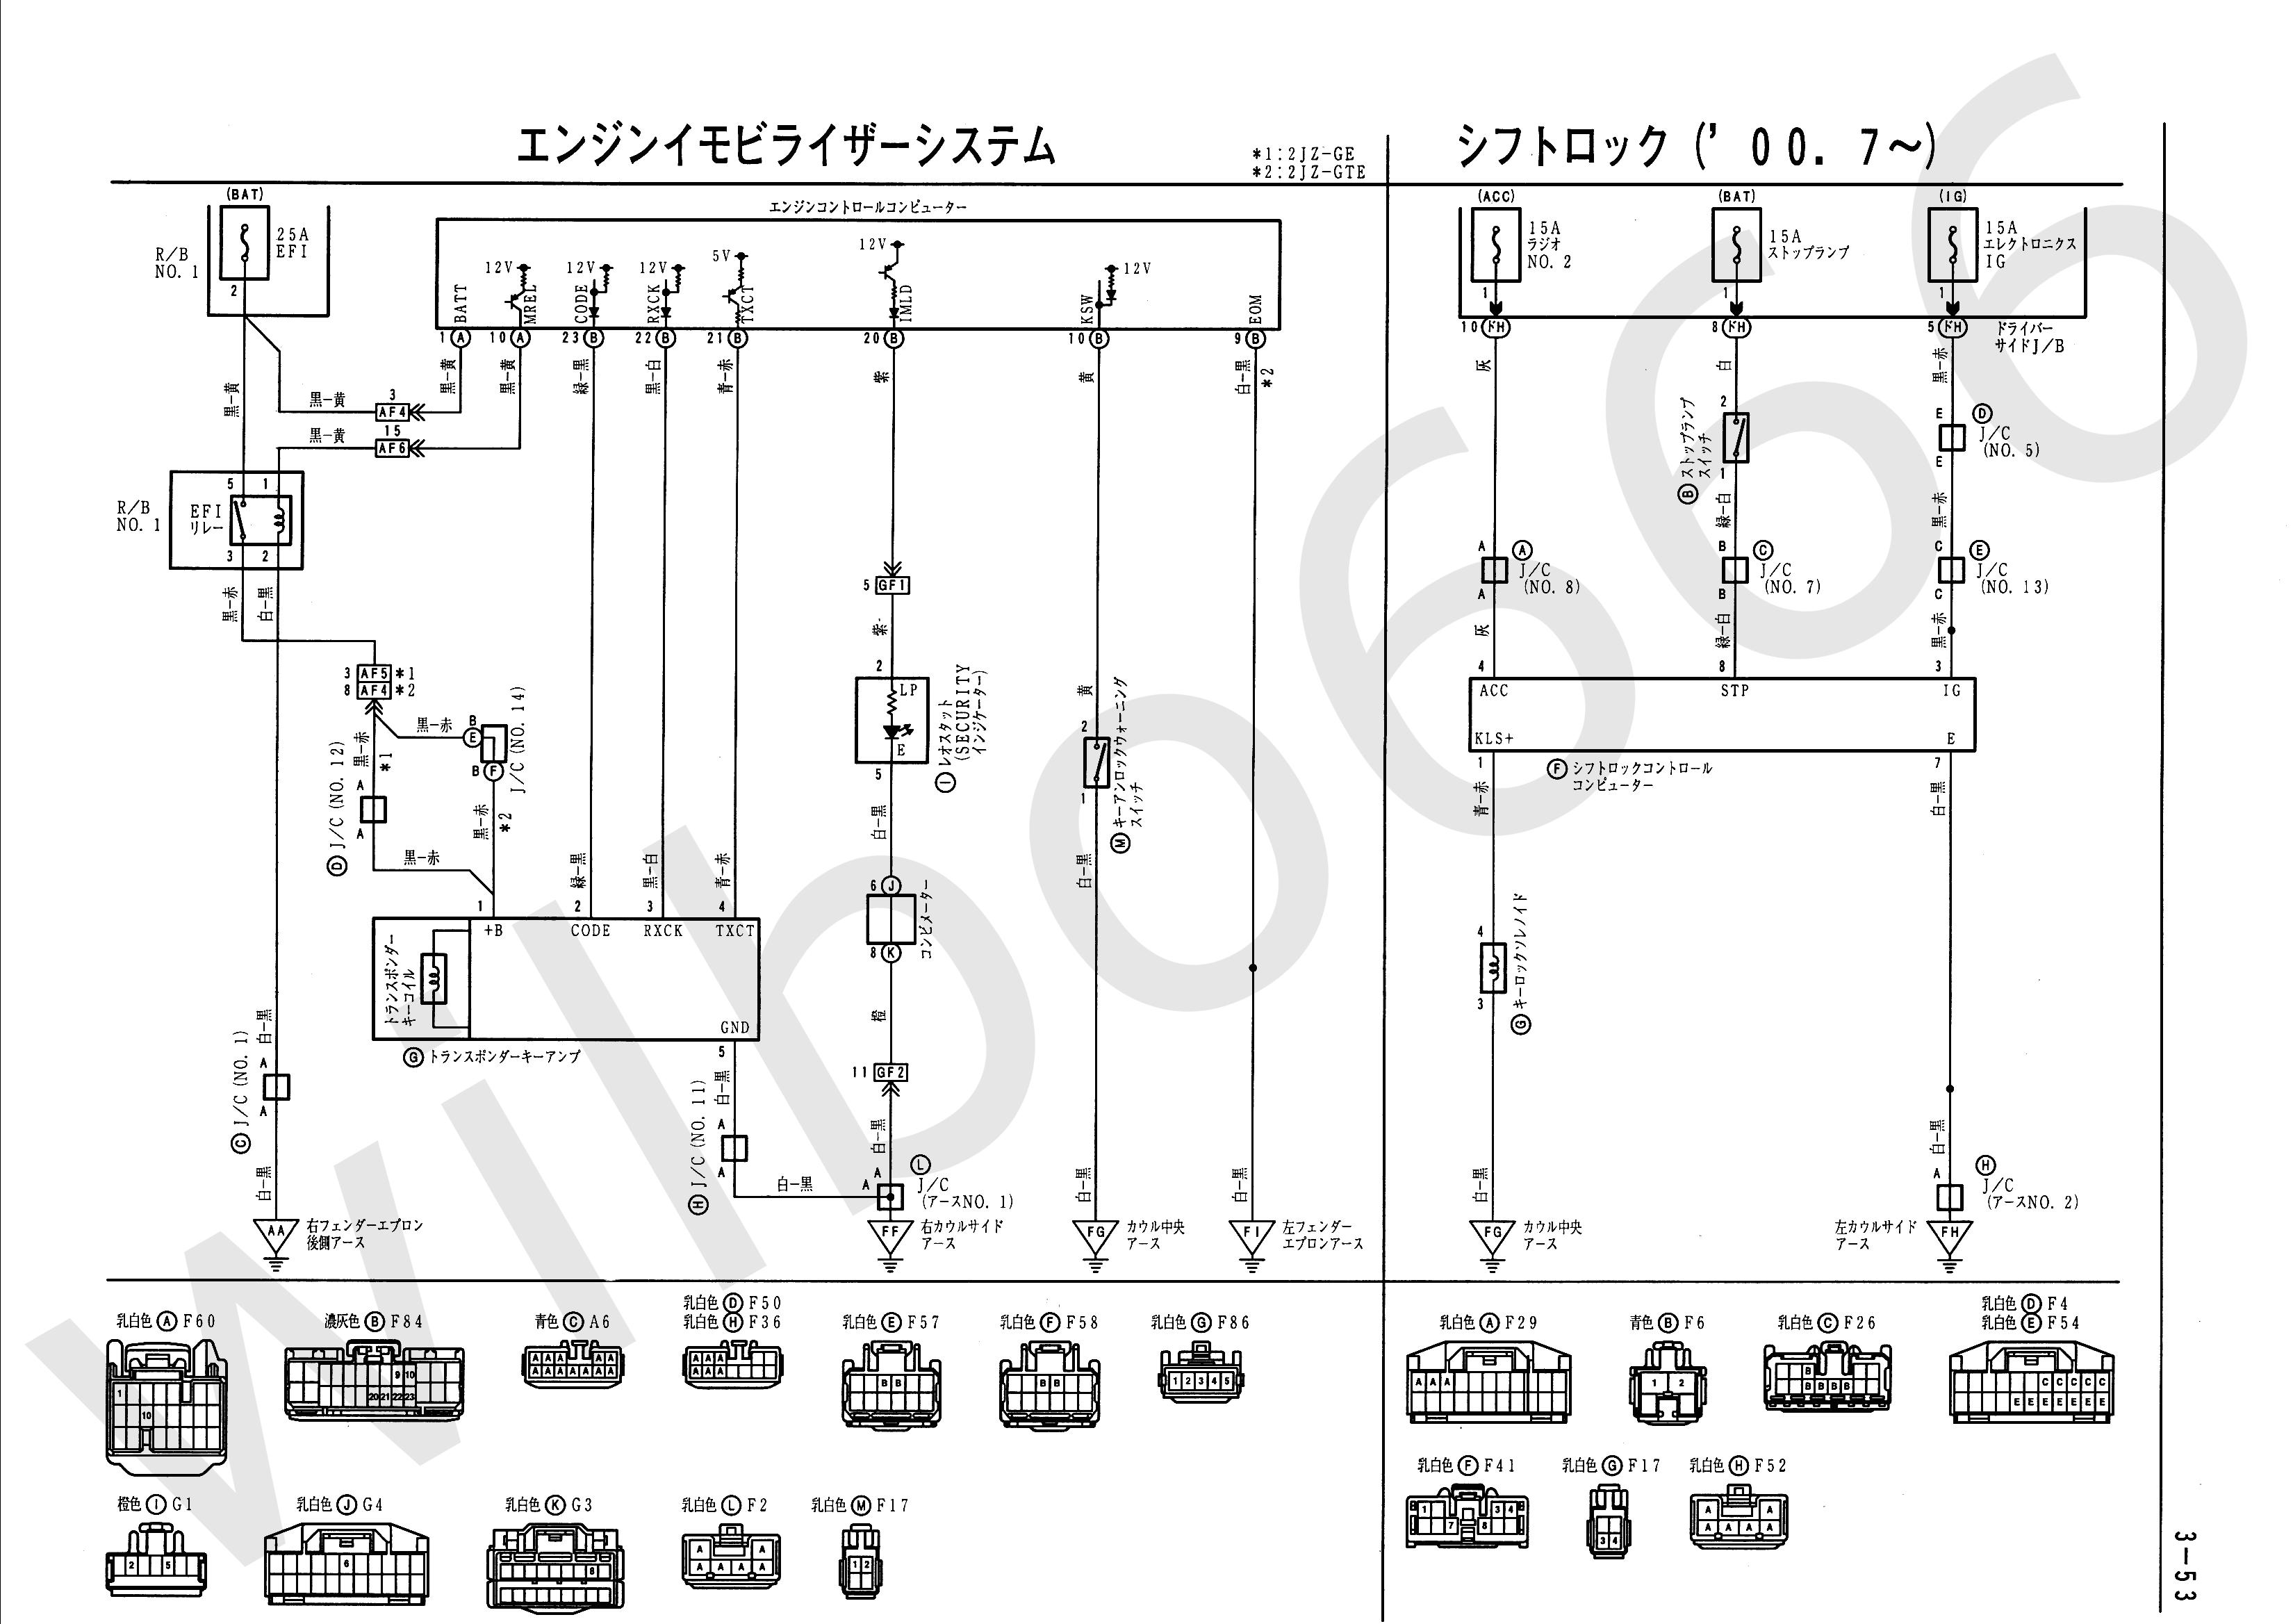 domestic electrical wiring diagram books diagram diagramtemplate diagramsample [ 3300 x 2337 Pixel ]